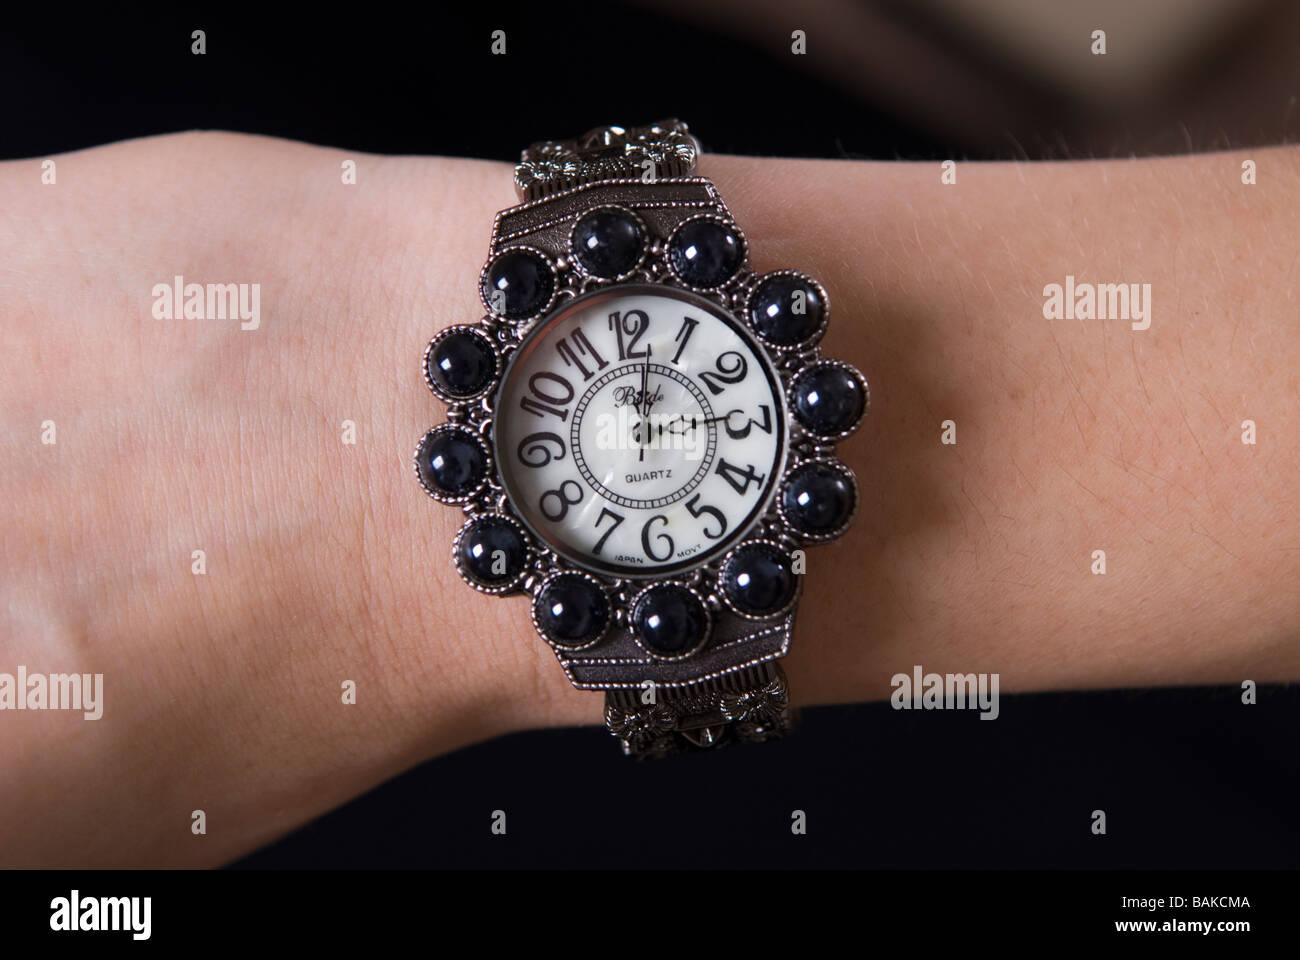 Asian wrist watch - Stock Image